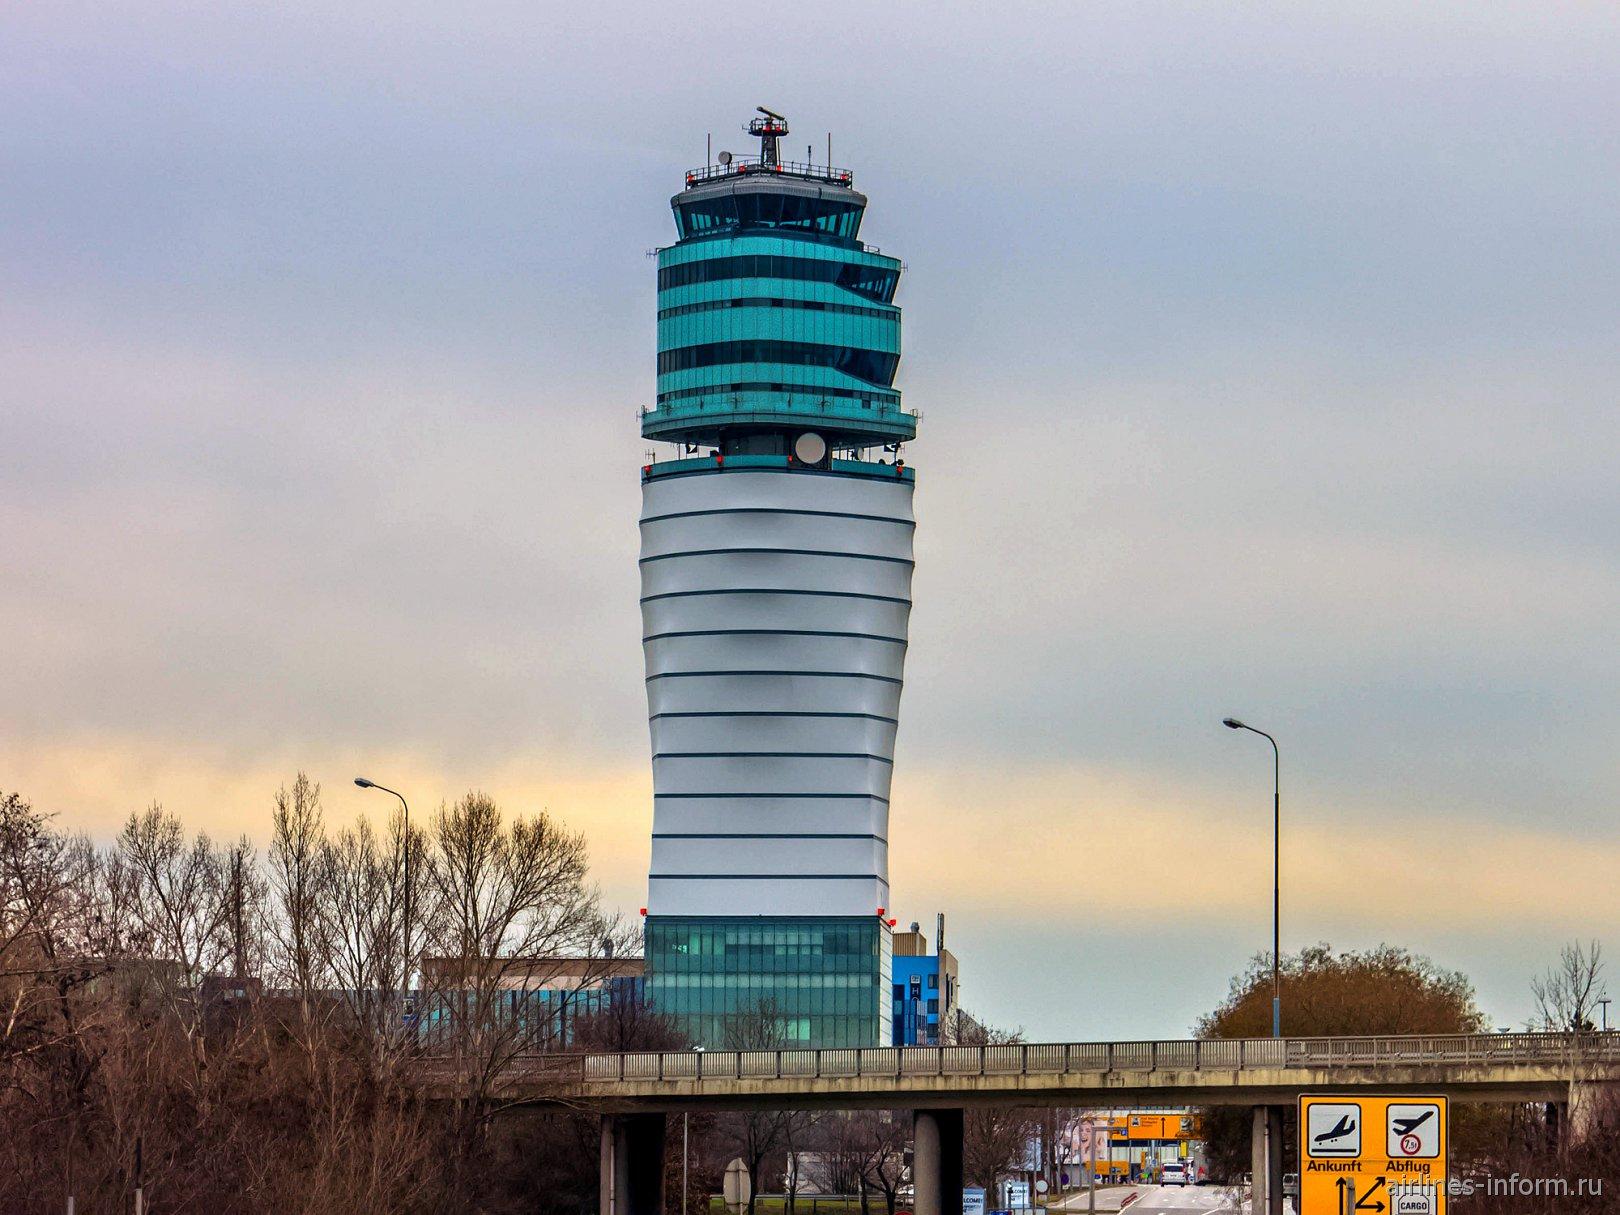 Диспетчерская башня аэропорта Вена Швехат